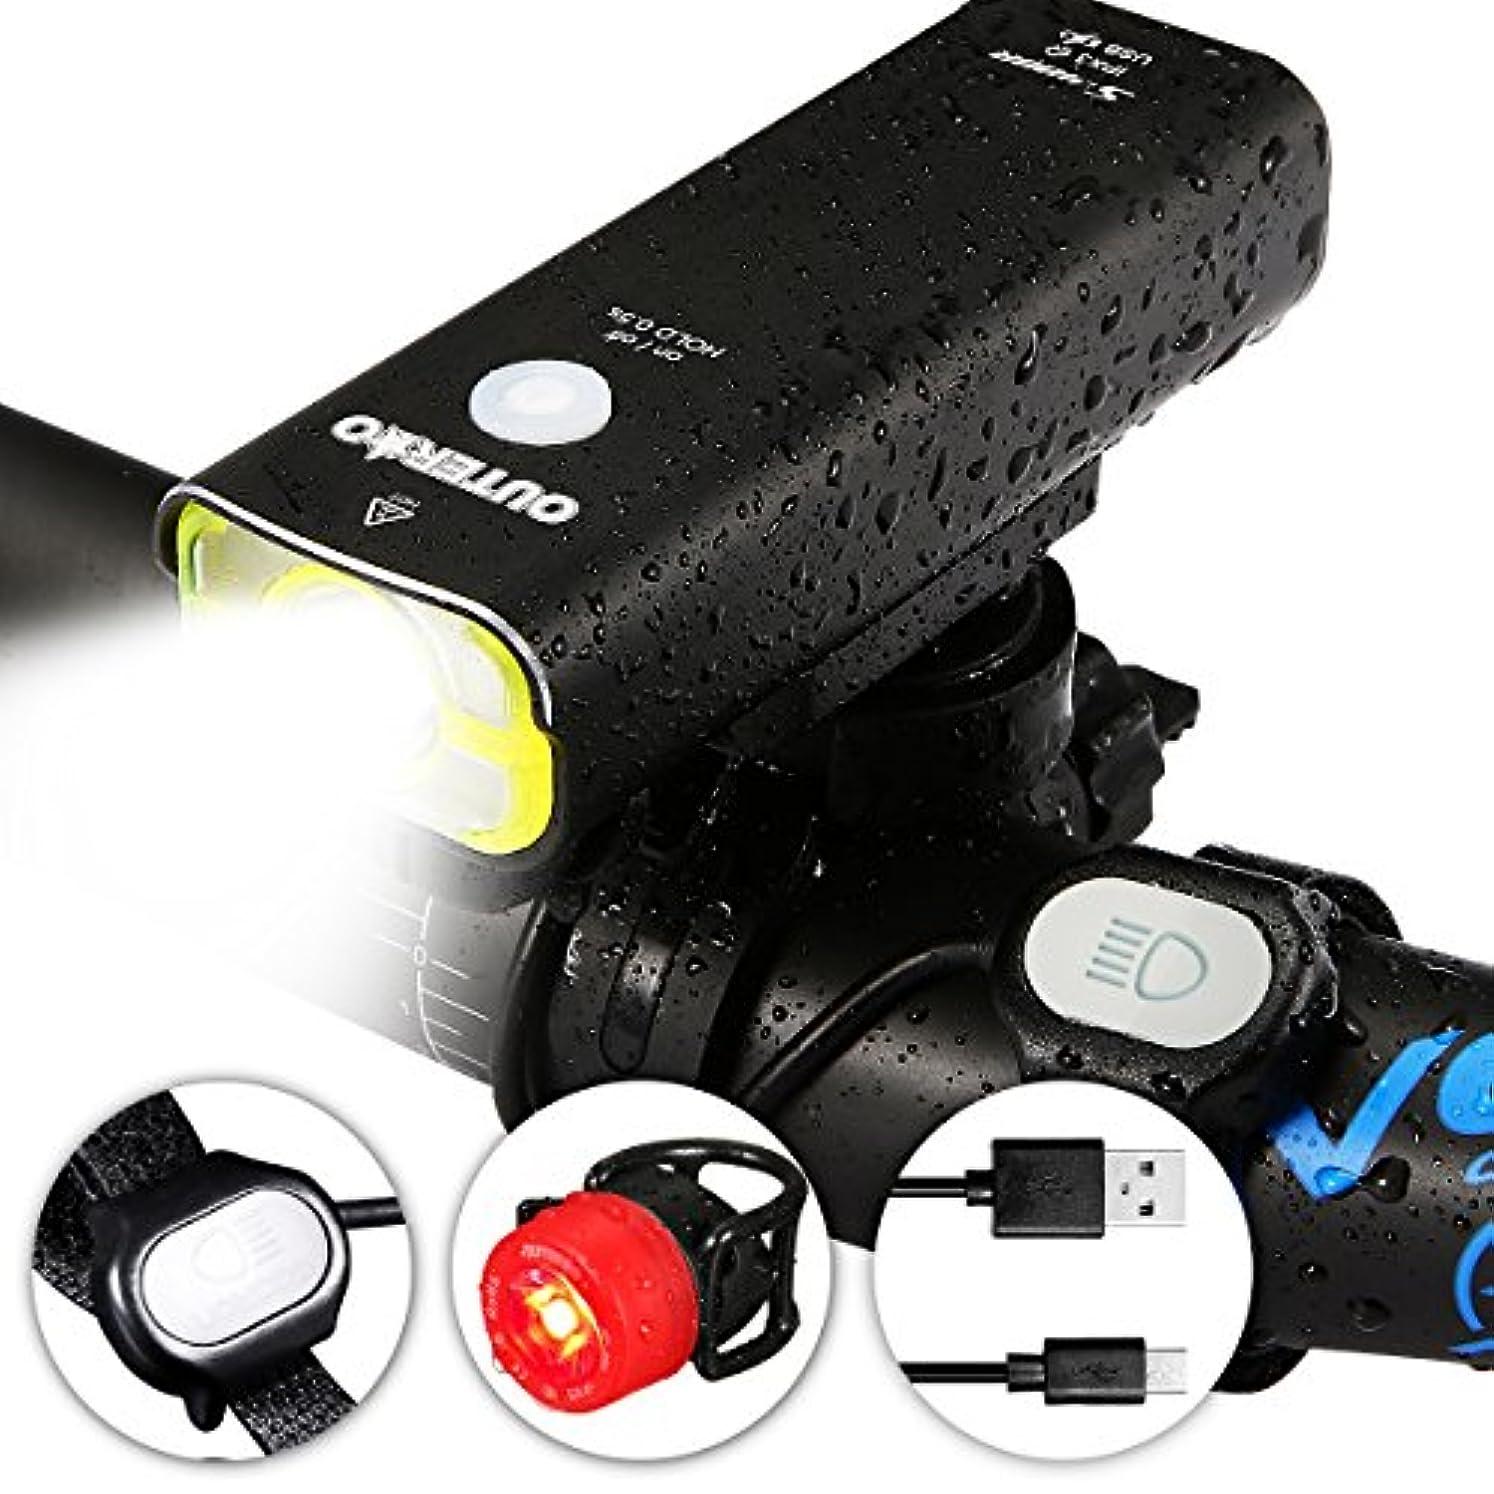 音声学できれば倒錯OUTERDO 自転車ライト usb充電式 防水 自転車前照灯 自転車ヘッドライト テールライト付属 高輝度 軽量 取り付け簡単 4モード 2500mAh USB充電式 自転車ライト 自転車懐中電灯 LEDヘッドライト アウトドア専用 夜間走行